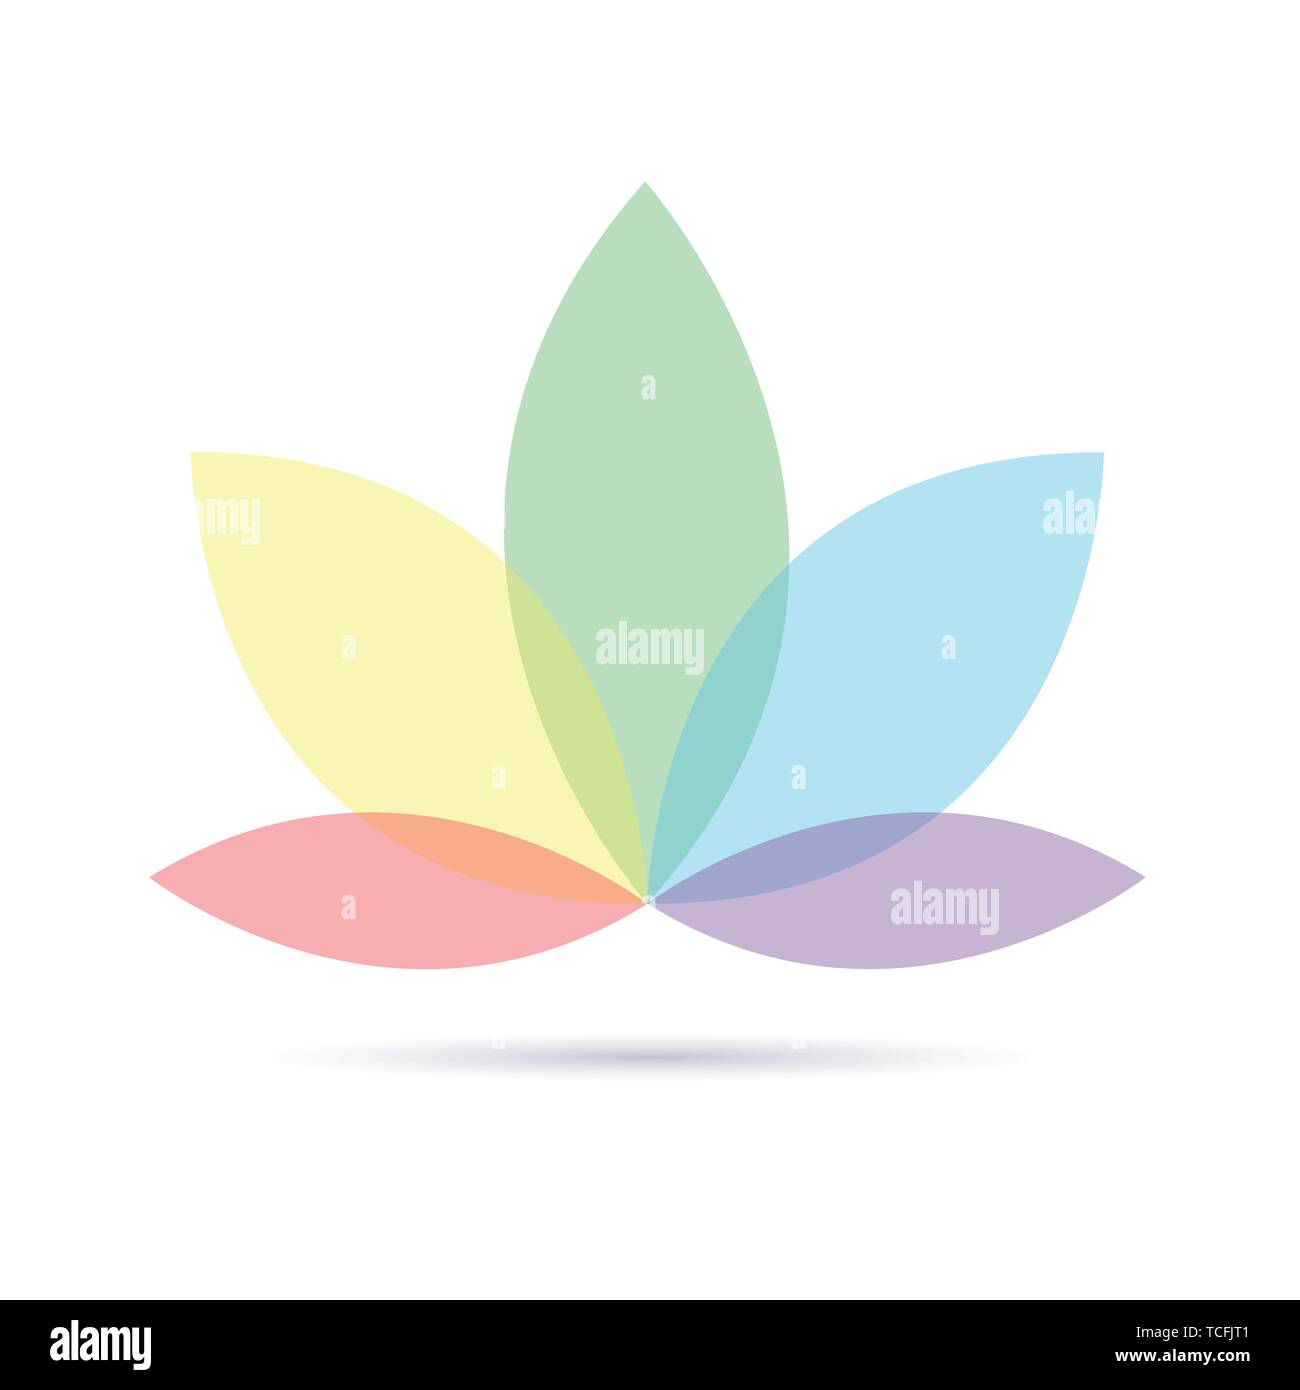 Coloratissimo fiore di loto isolati su sfondo bianco illustrazione vettoriale EPS10 Illustrazione Vettoriale